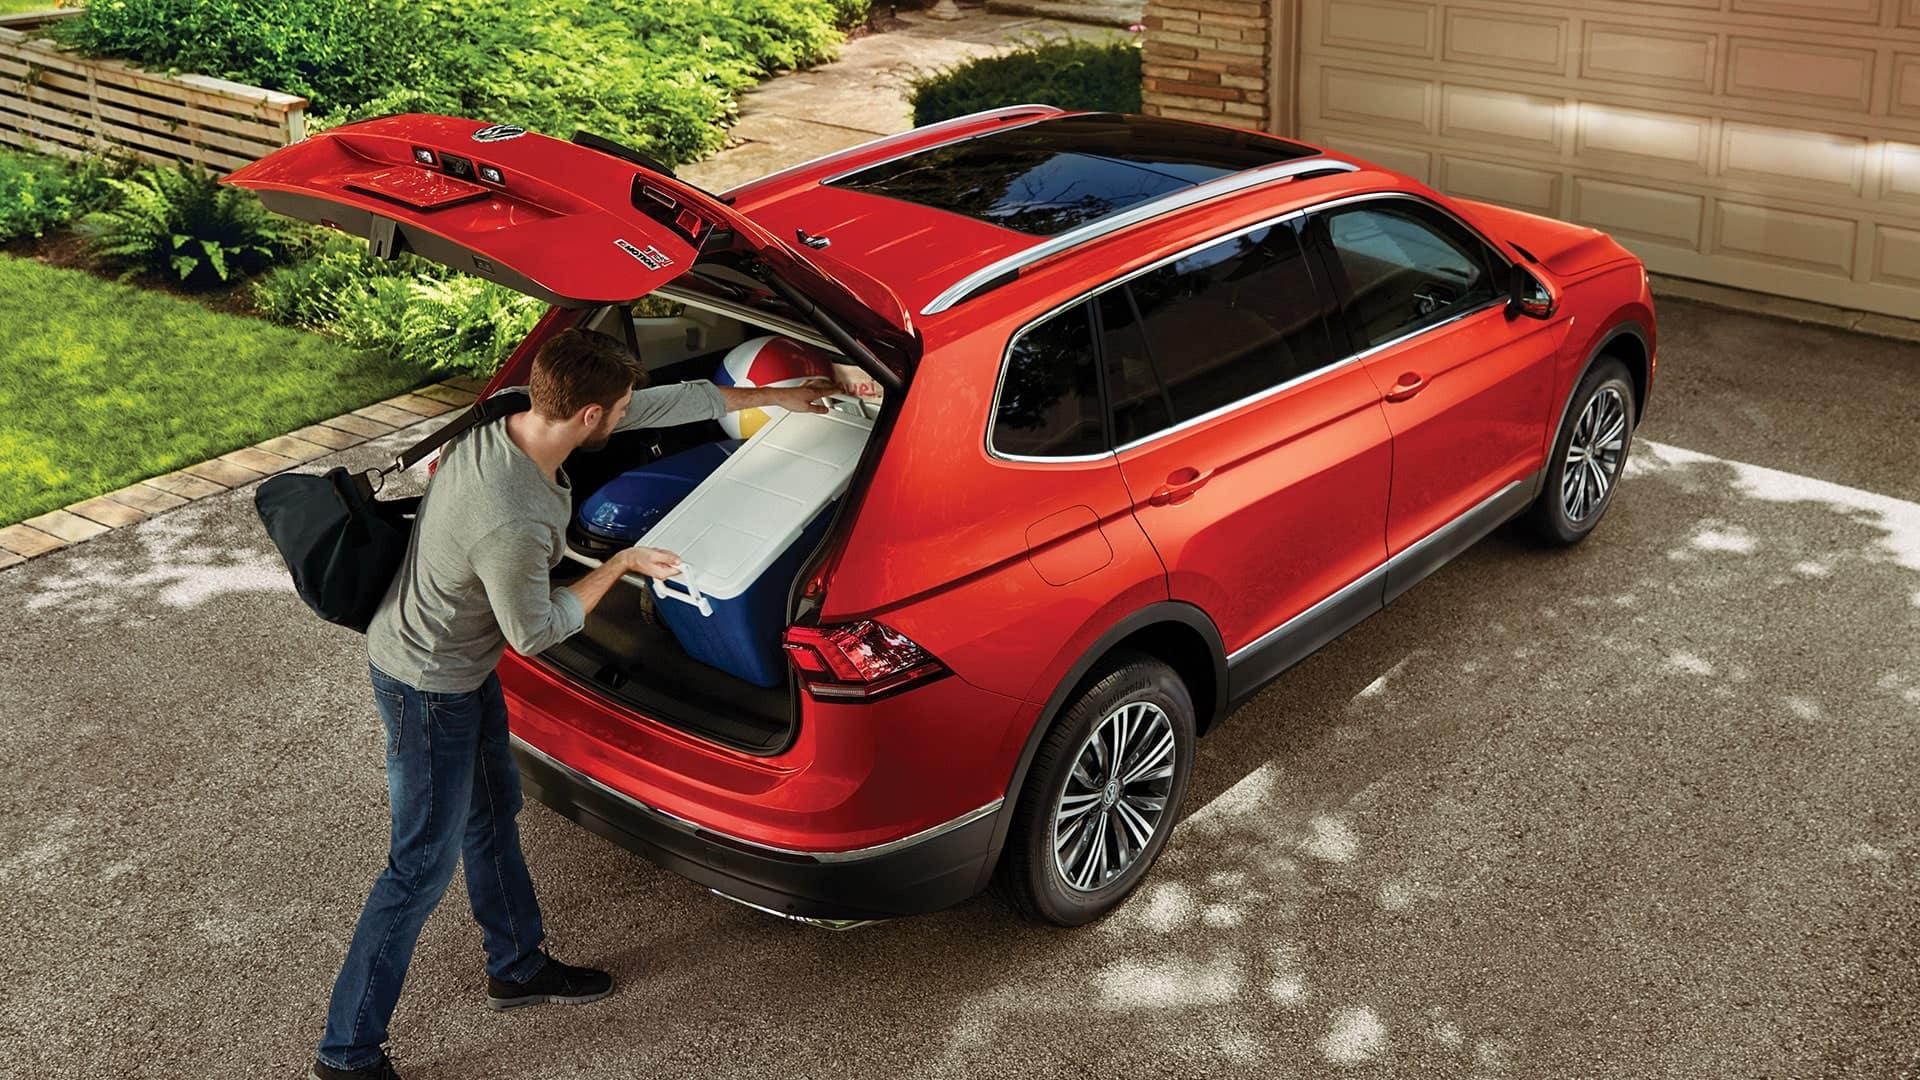 2019 VW Tiguan spacious interior